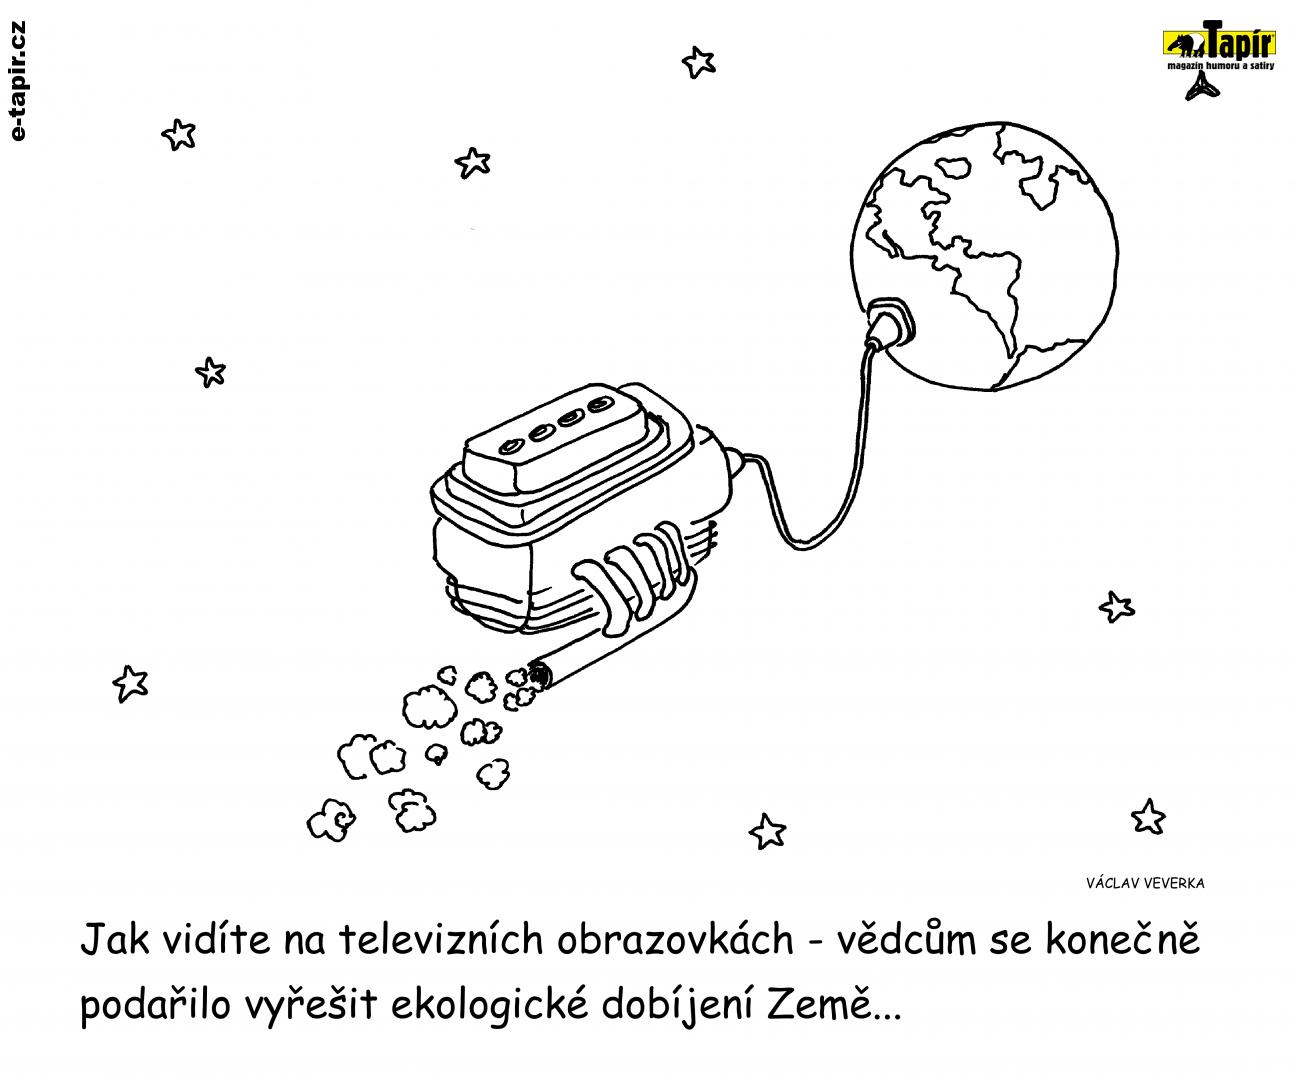 ekologie-5e637cde